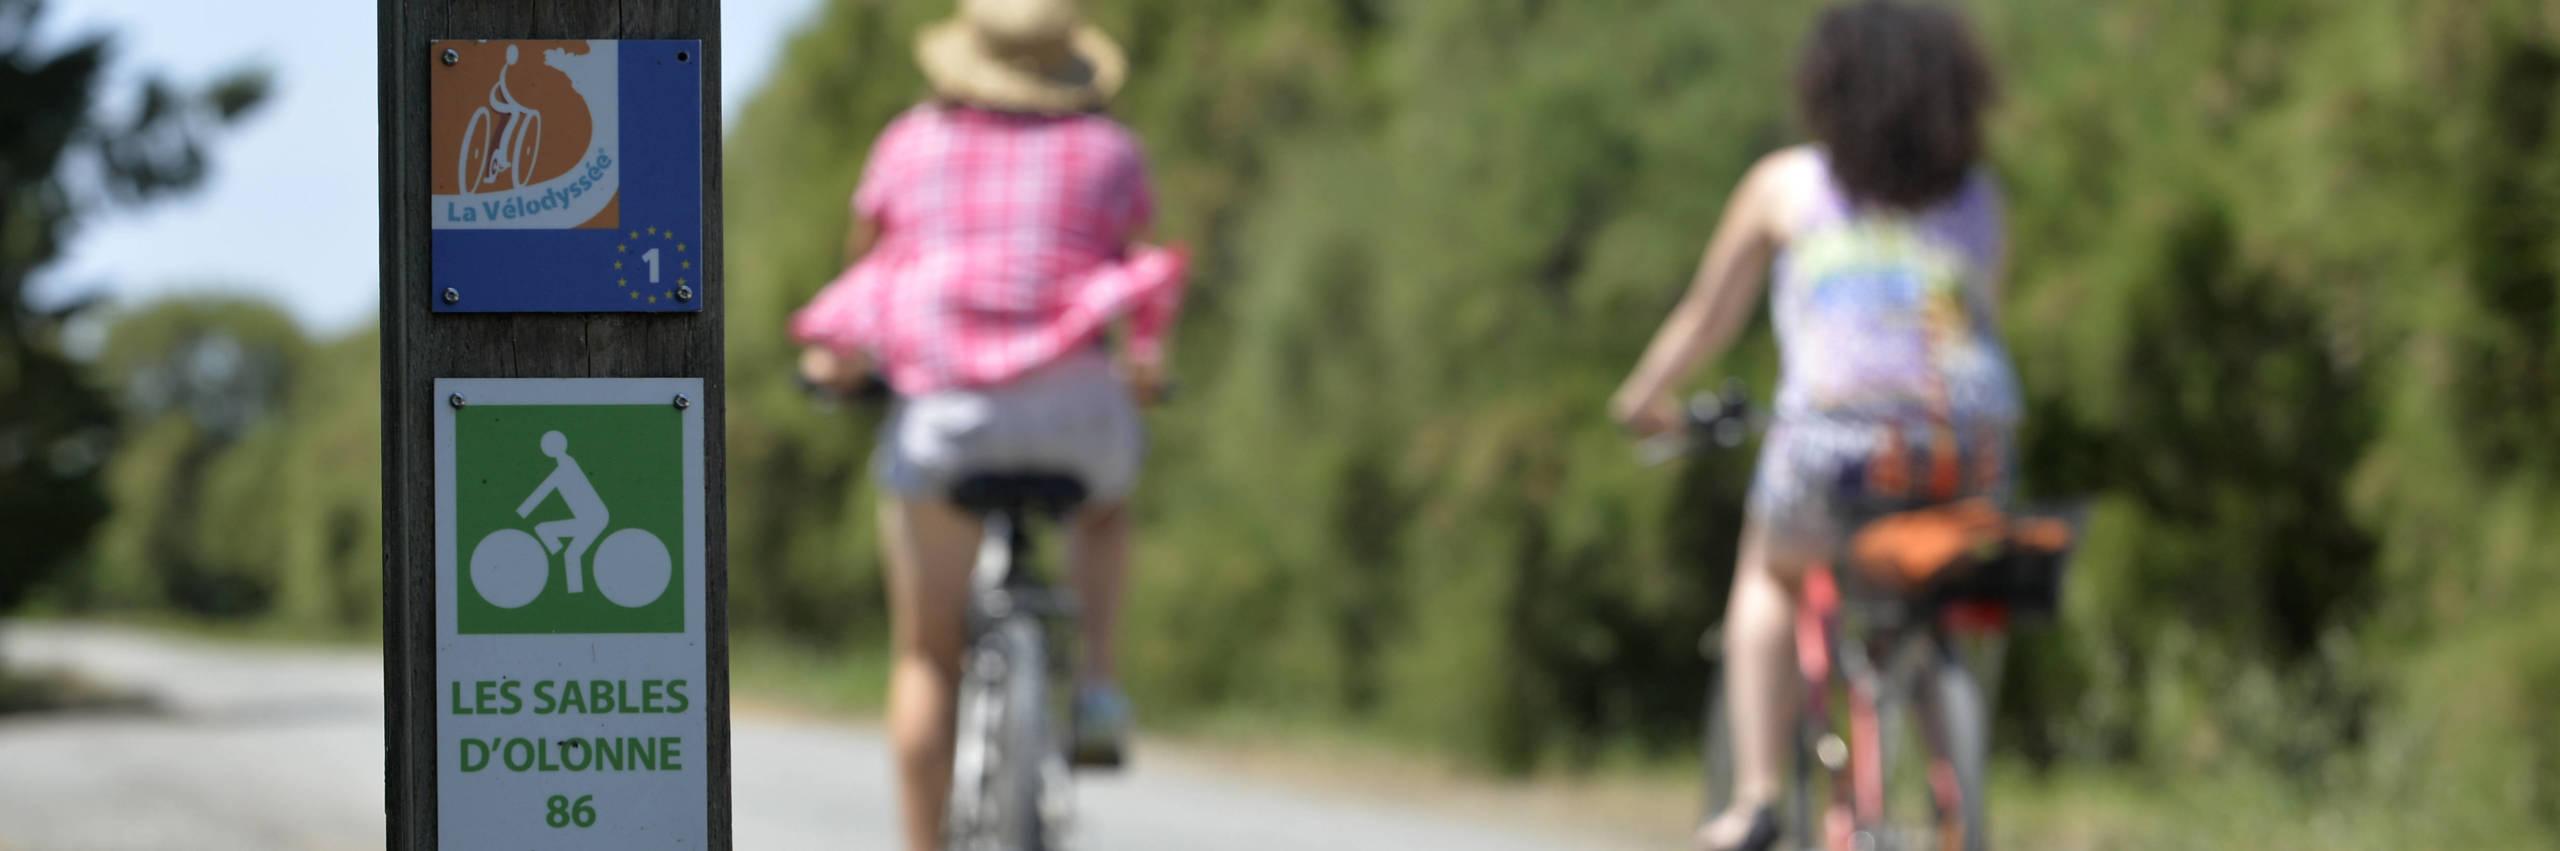 La Vélodyssée, le Marais poitevin en roue libre